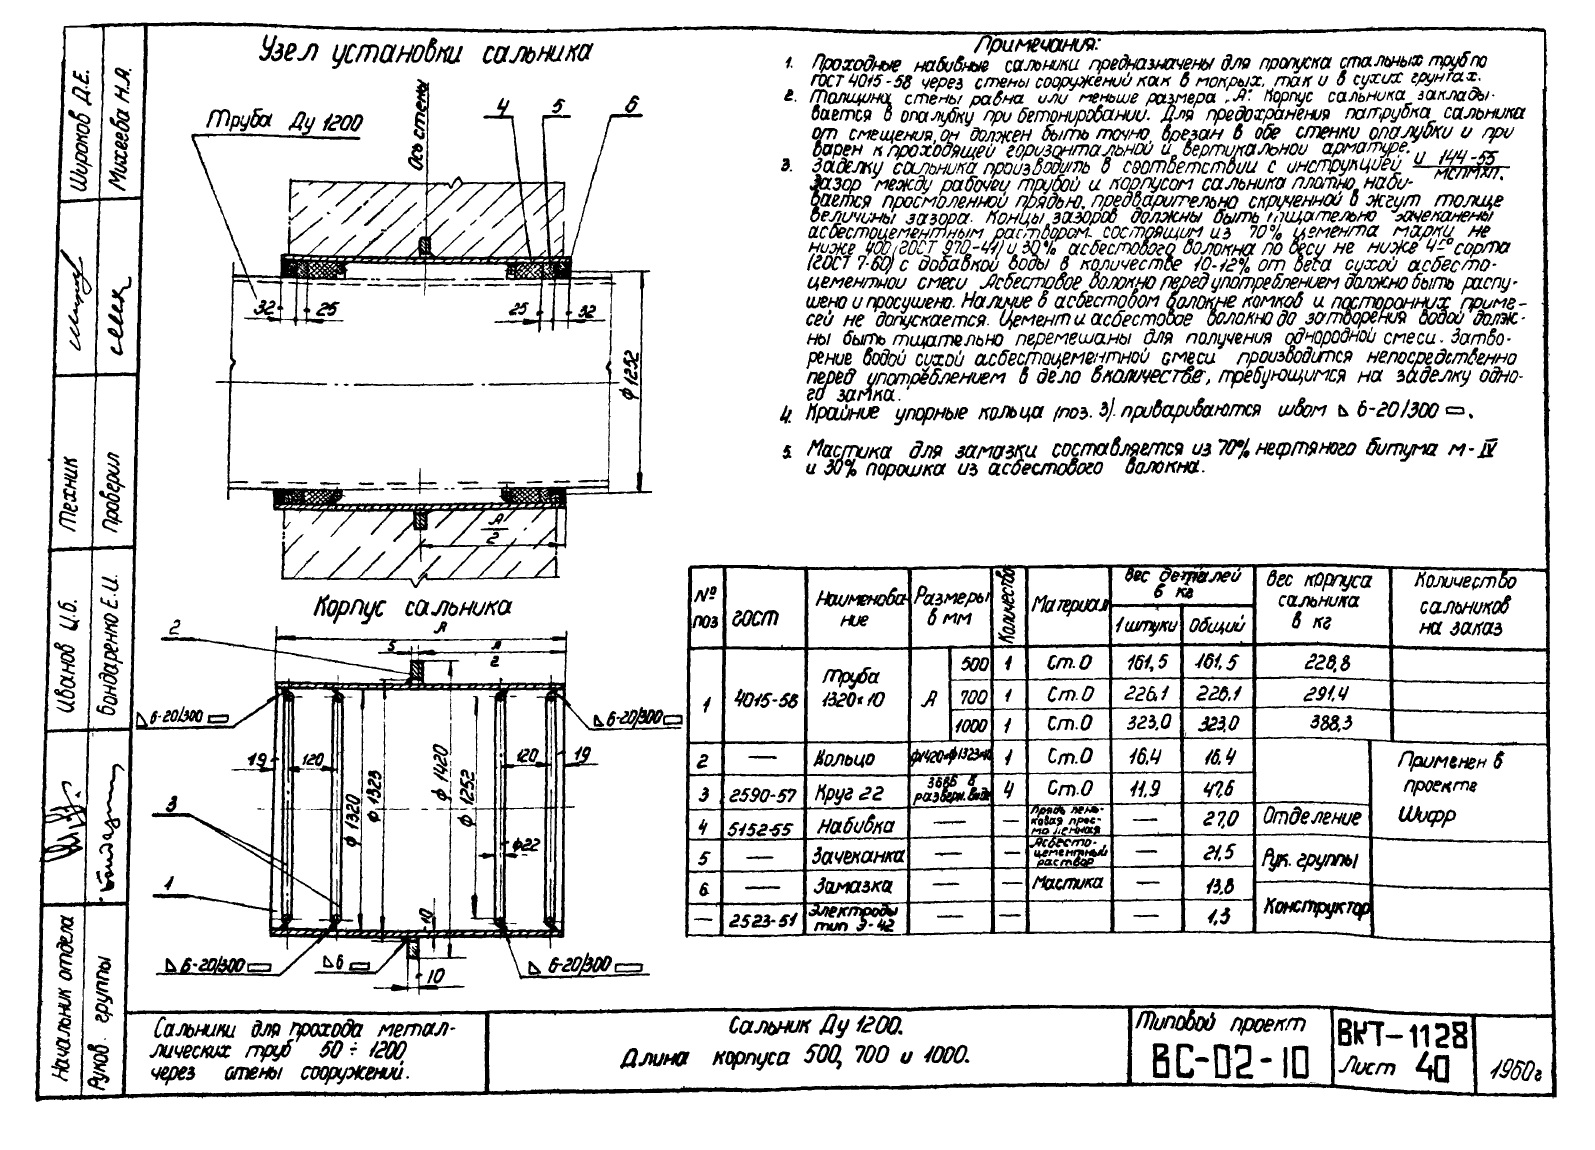 Сальники набивные L = 700 мм типовой проект ВС-02-10 стр.19